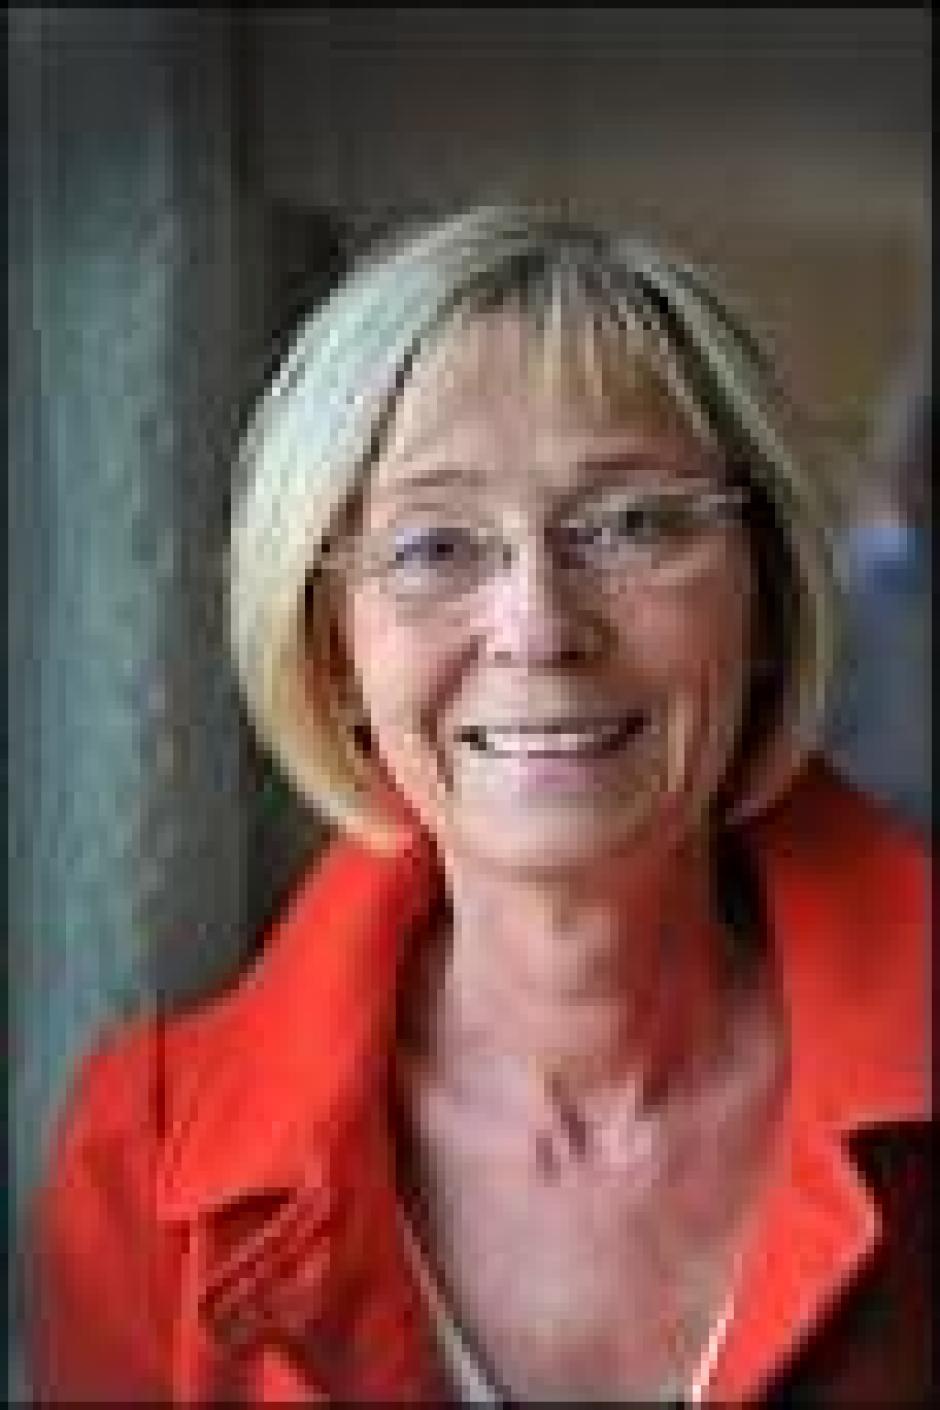 Marie Jeanne Gobert : Quelles évolutions pour les CREPS?